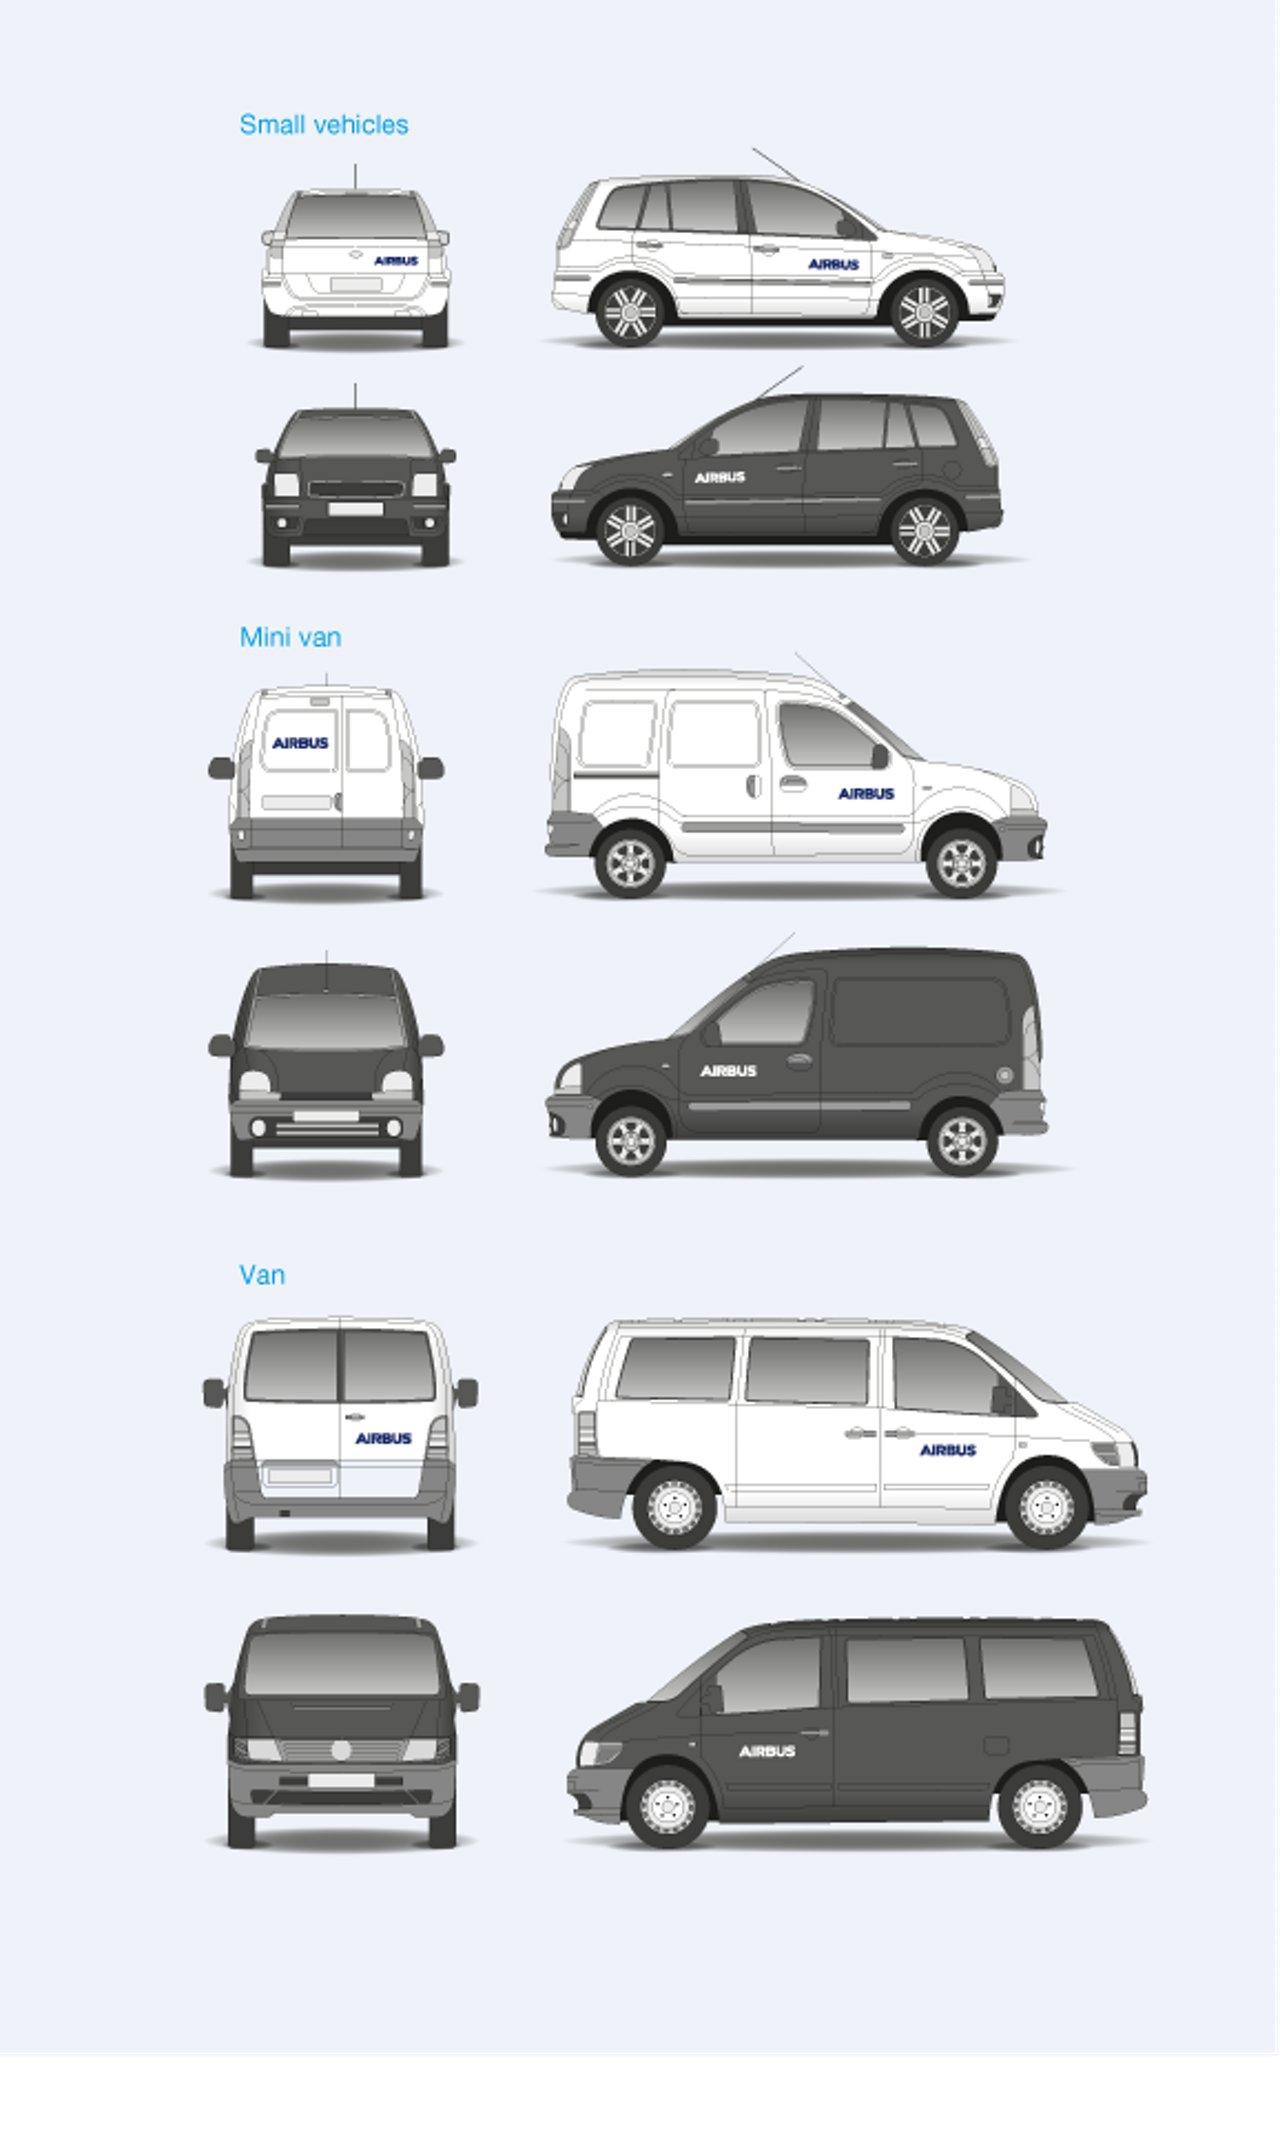 Vehicles Cars Vans